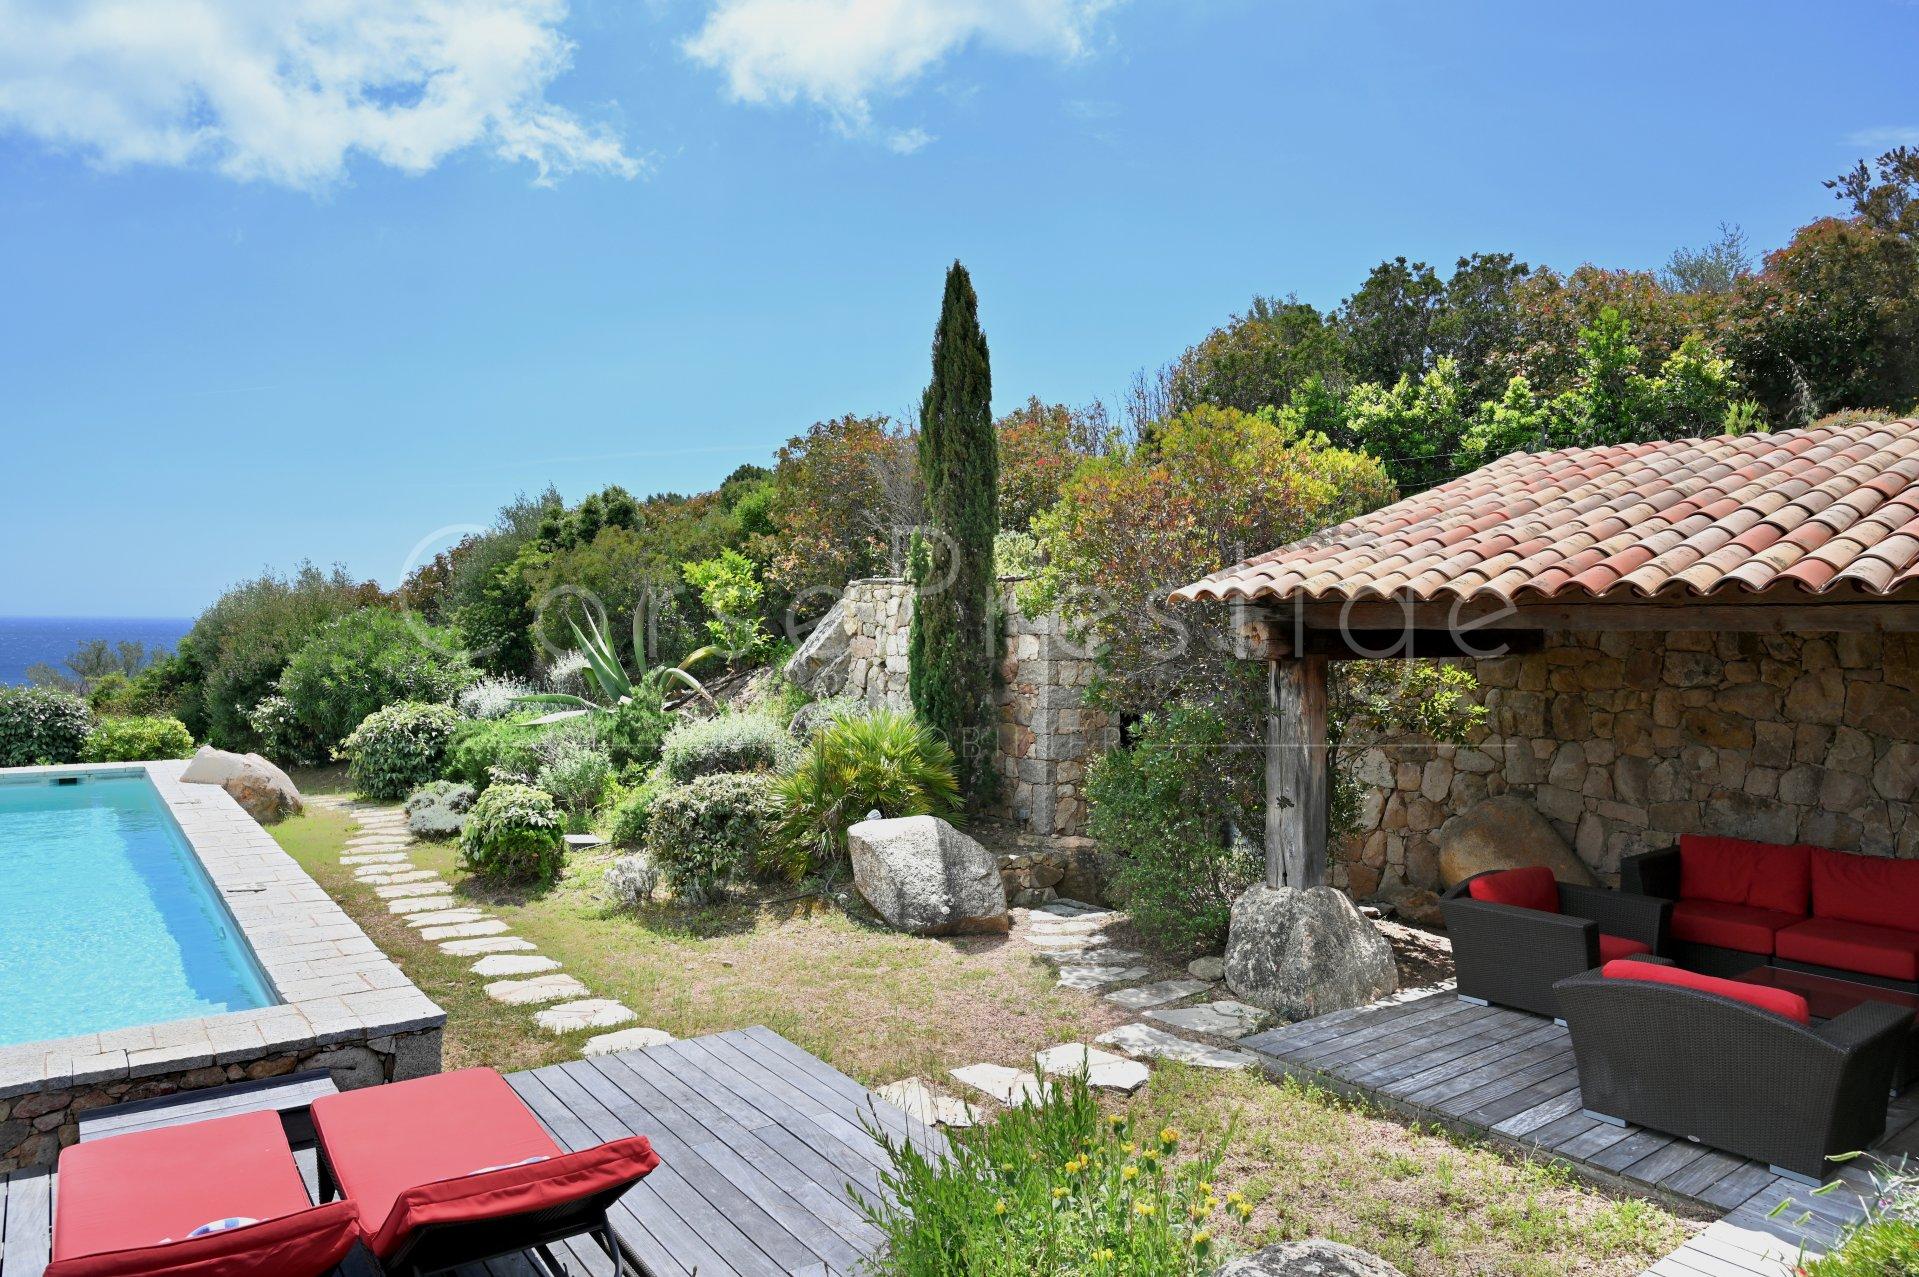 luxury villa for rent in corsica - porto vecchio - palombaggia image6